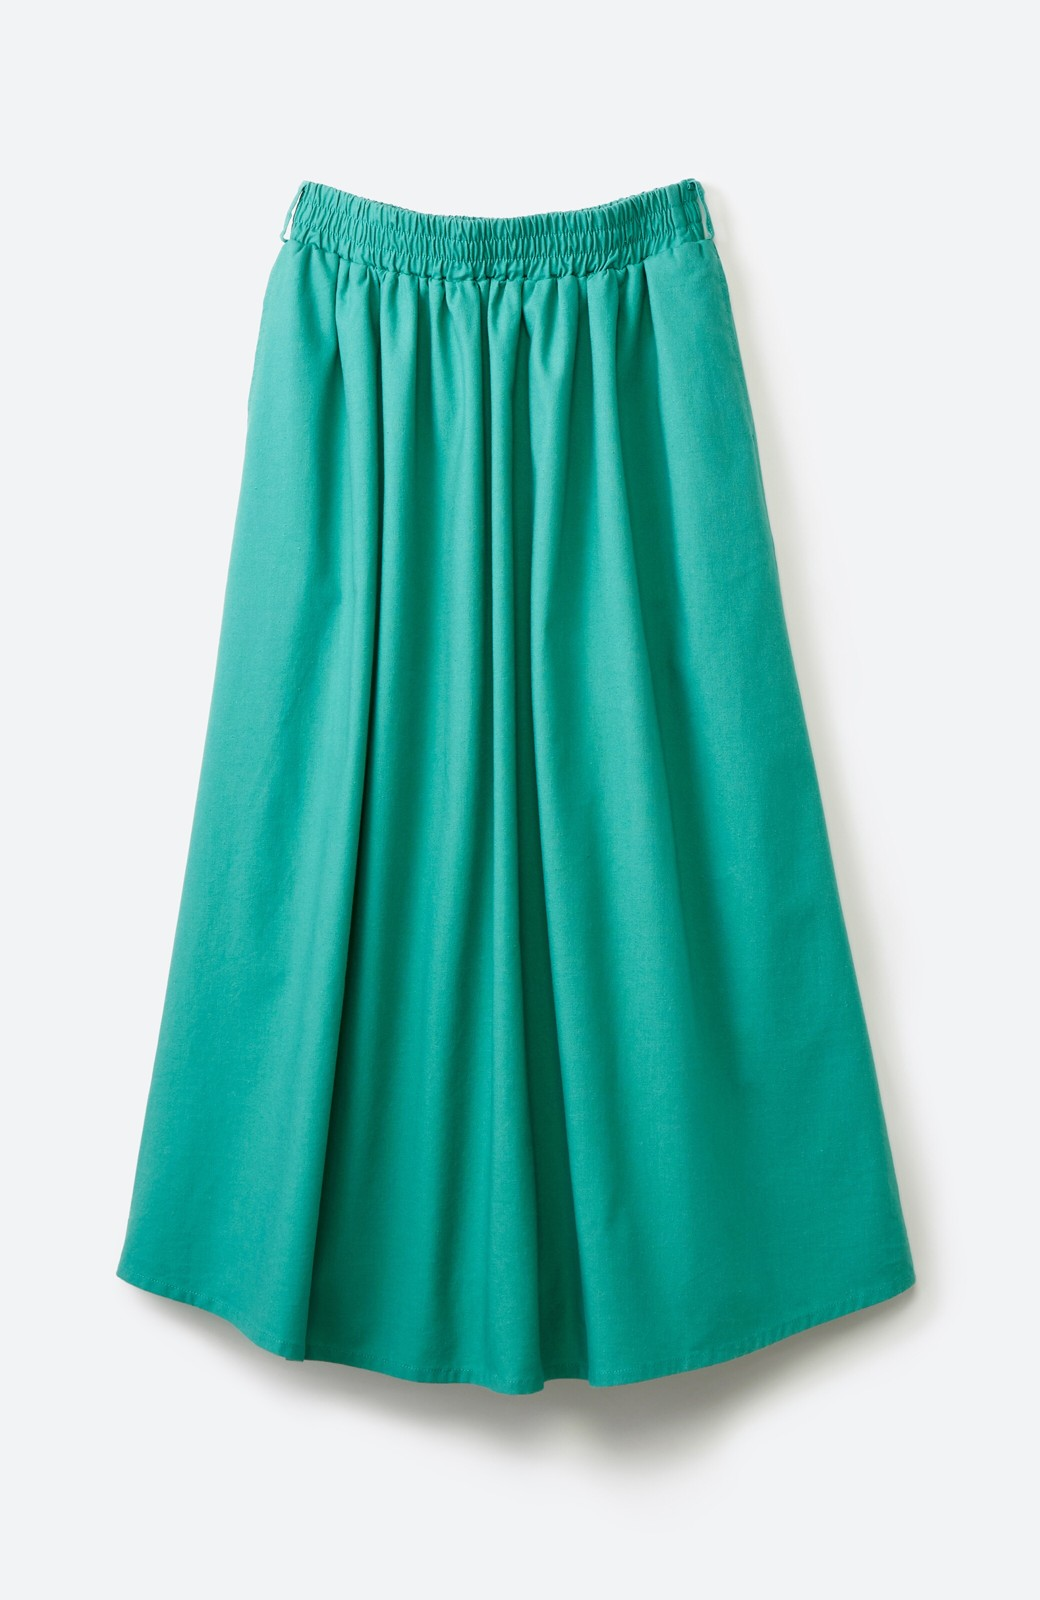 haco! 楽してスタイルが決まる 涼やか麻混スカート <グリーン>の商品写真2